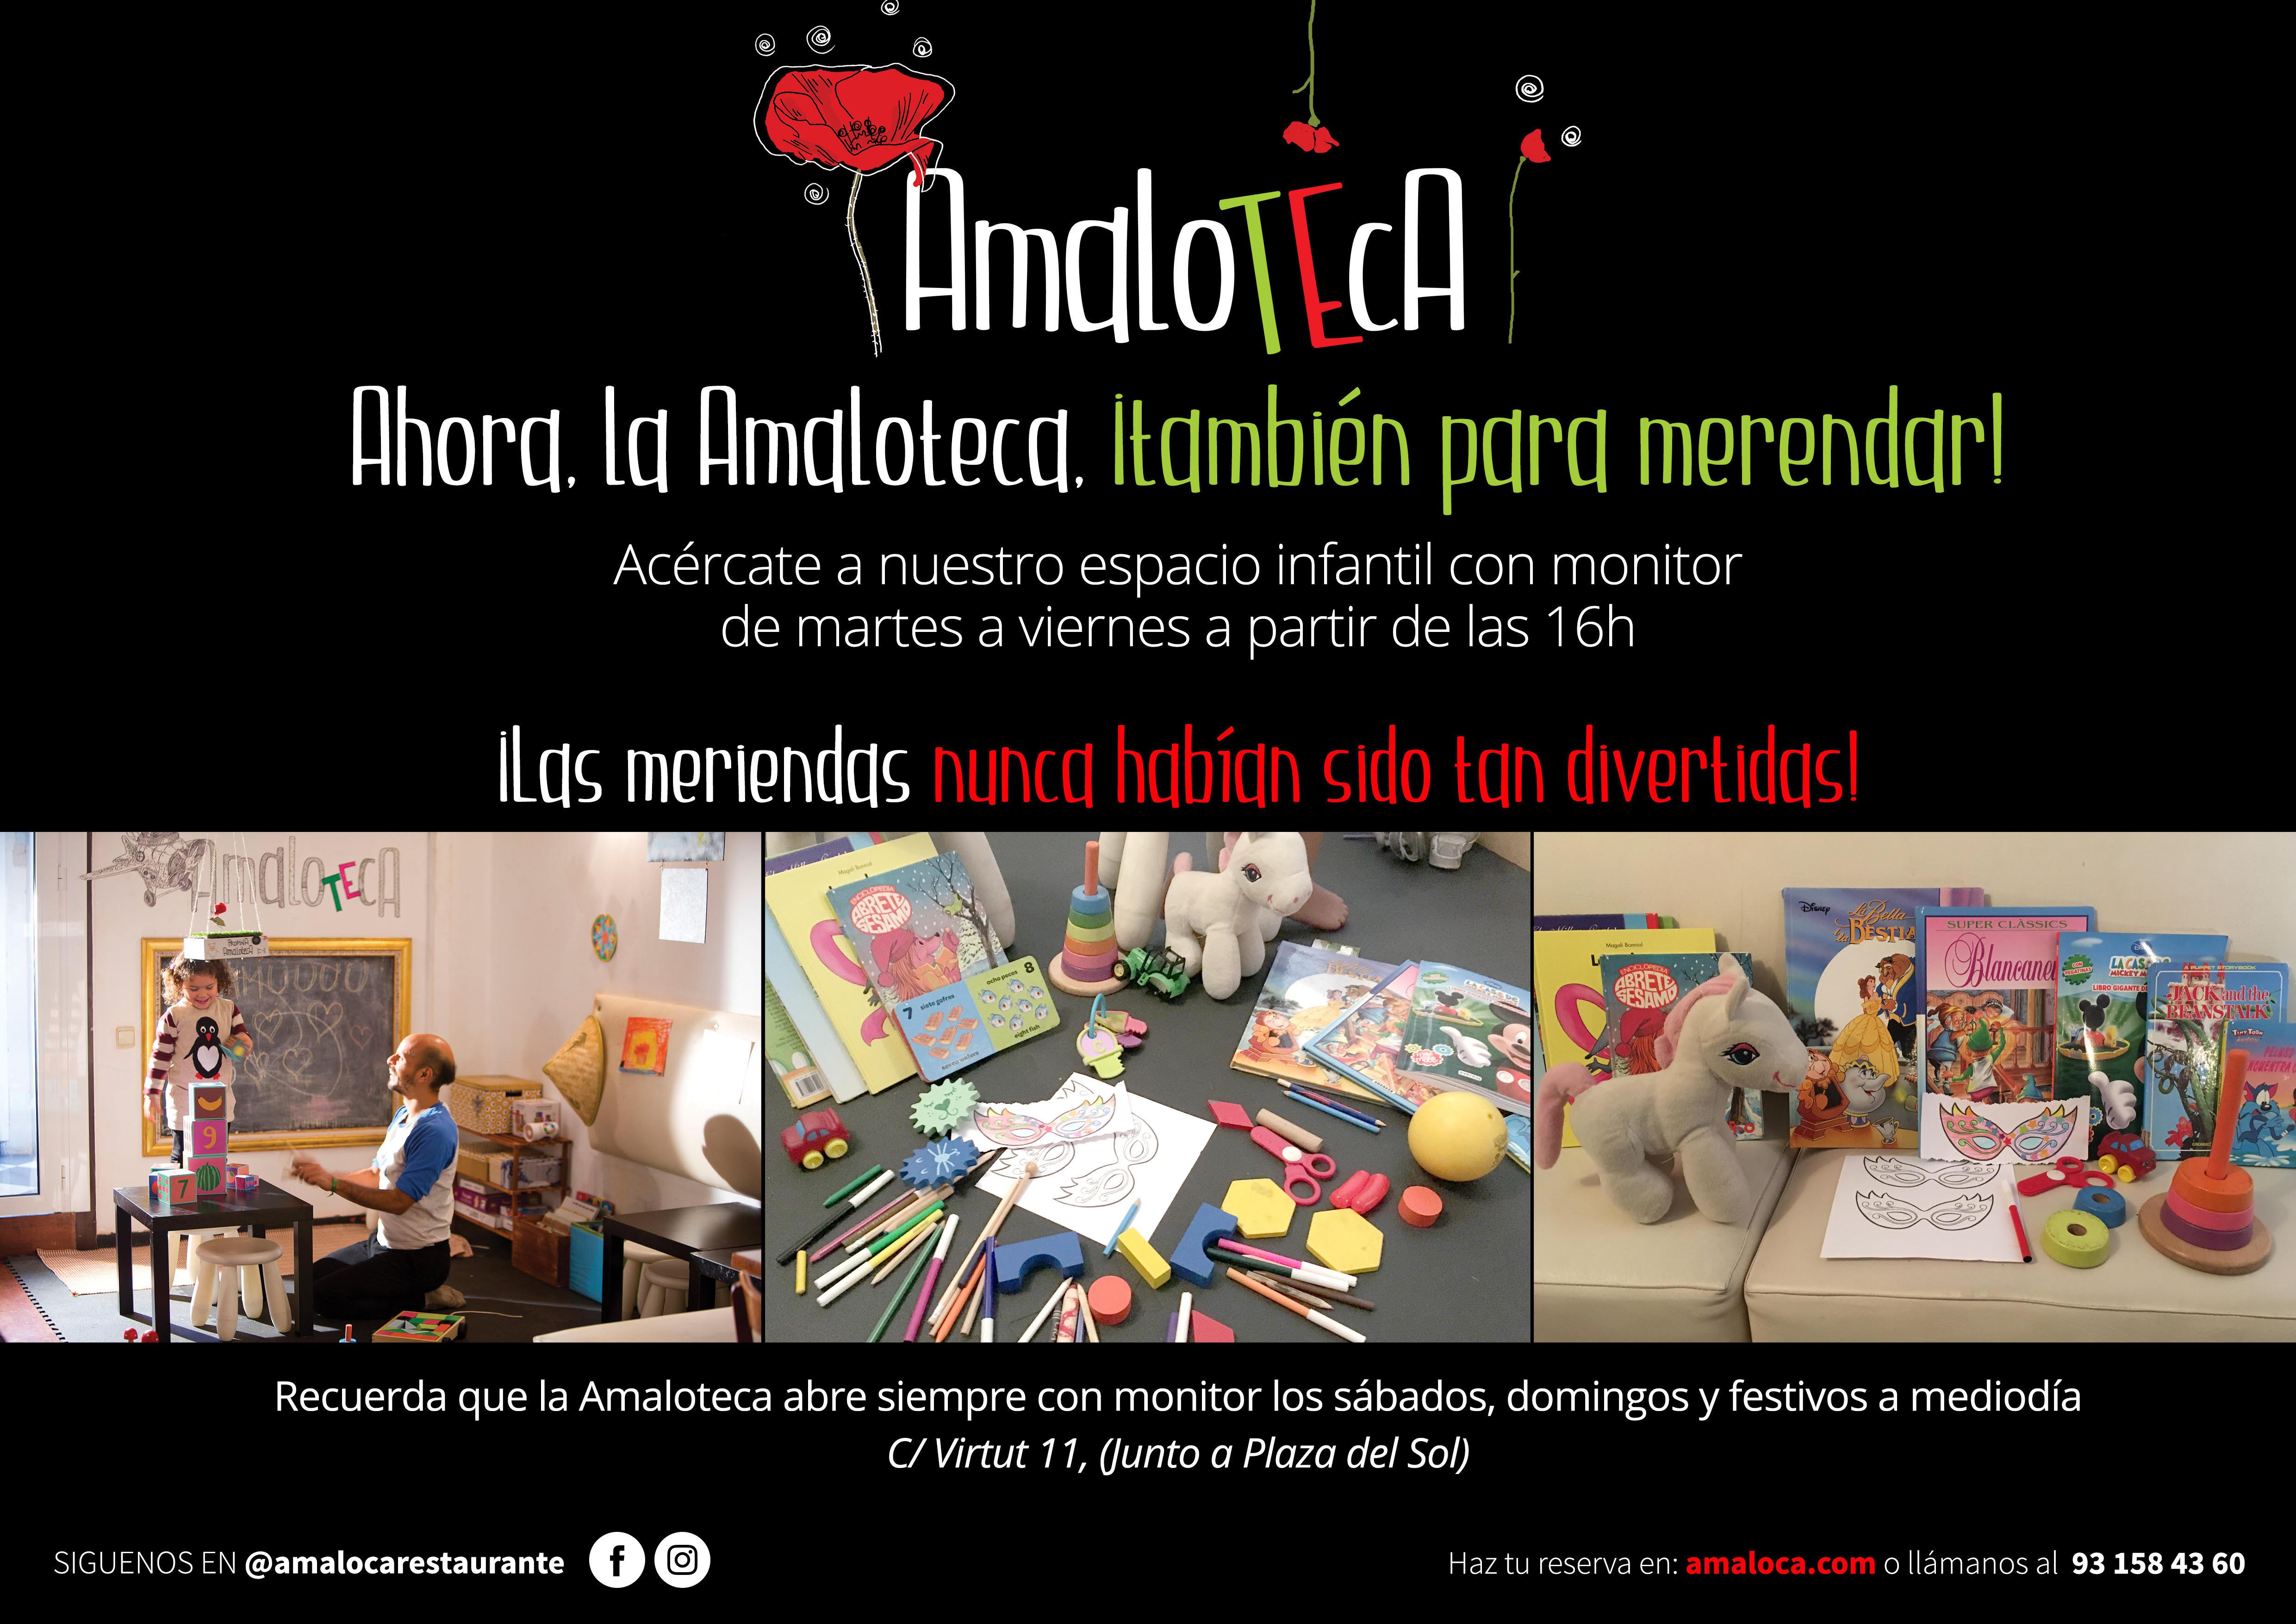 La Amaloteca, un espacio infantil con monitor de martes a domingo